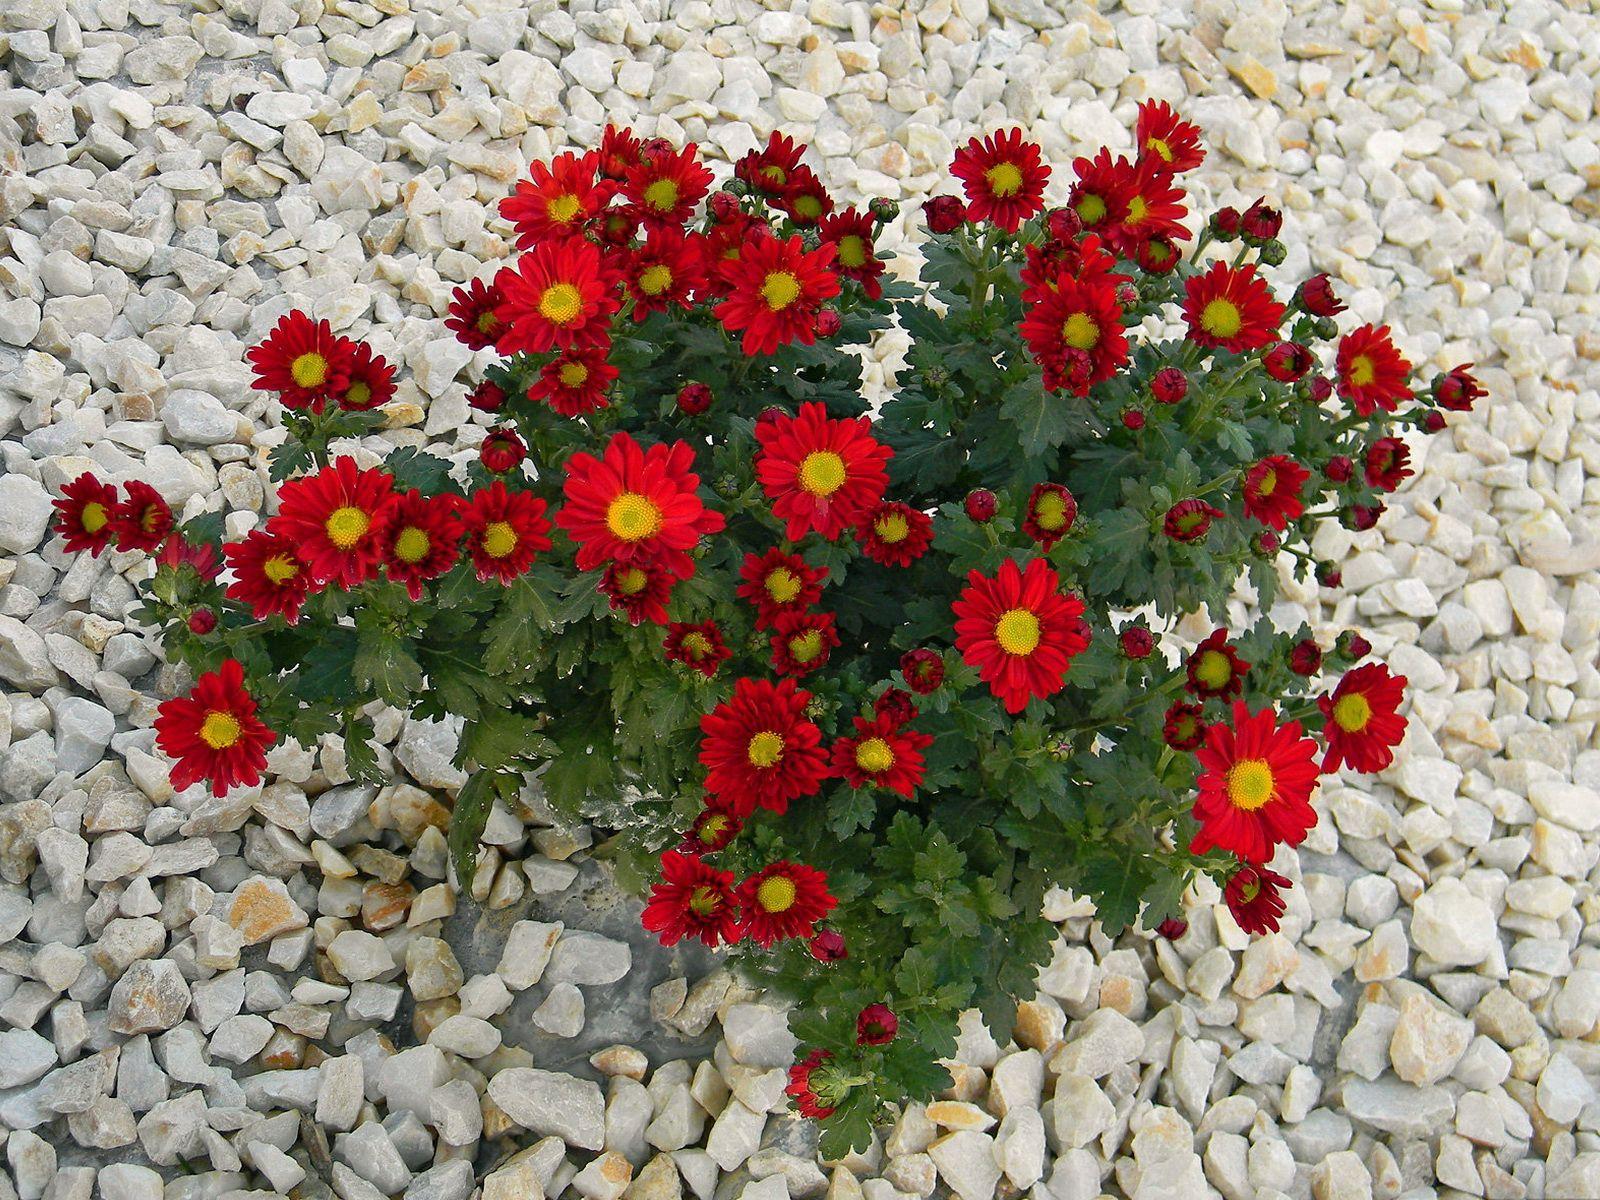 106740 скачать обои Цветы, Камни, Хризантемы - заставки и картинки бесплатно